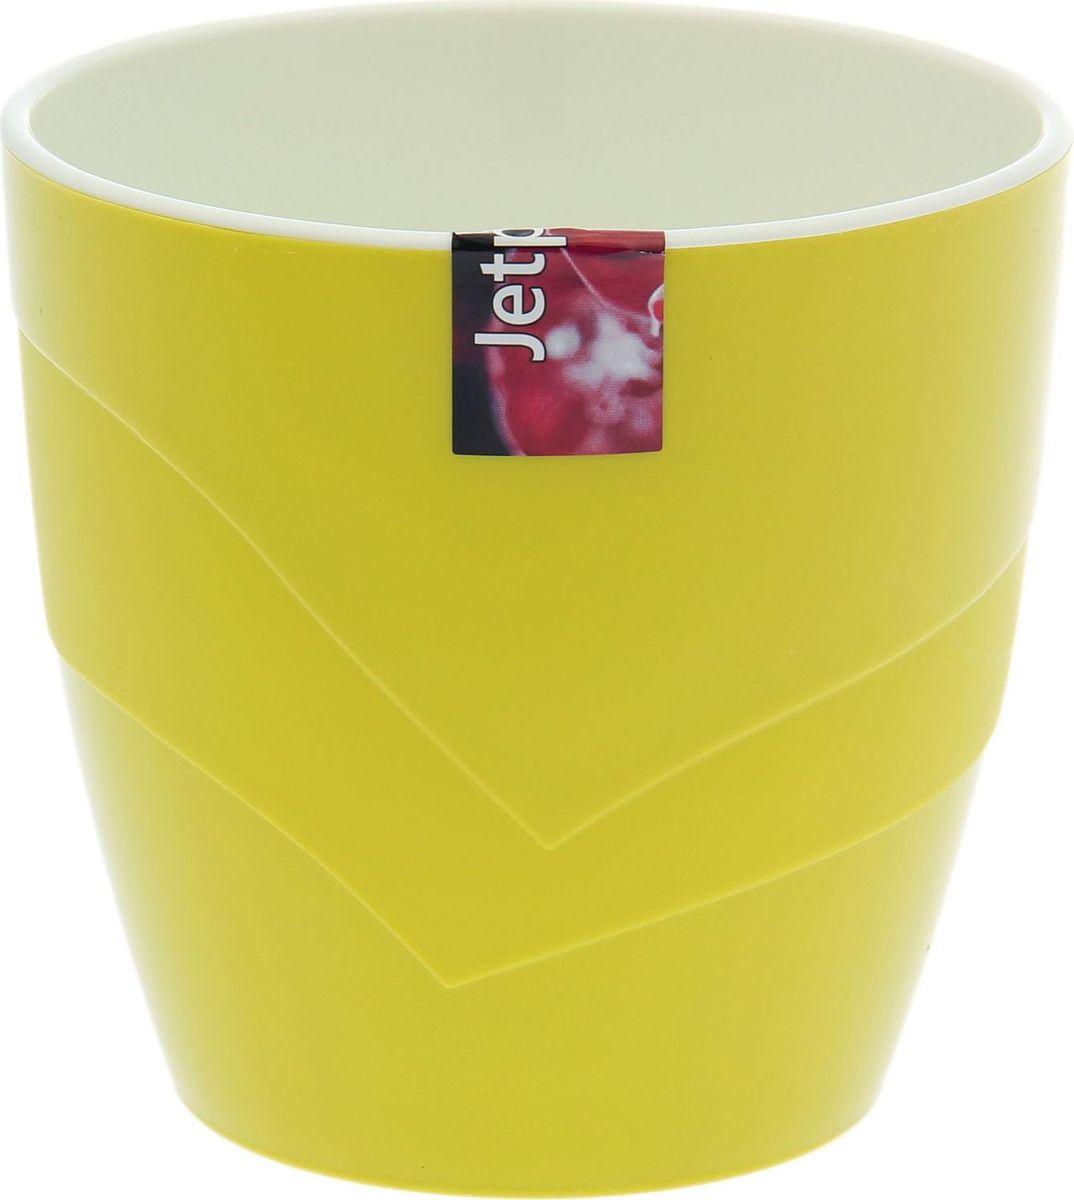 Кашпо JetPlast Грация, цвет: желтый, 2 л1694314Декоративное кашпо, выполненное из высококачественного пластика, предназначено для посадки декоративных растений и станет прекрасным украшением для дома. Оригинальное кашпо украсит окружающее пространство и подчеркнет его оригинальный стиль.